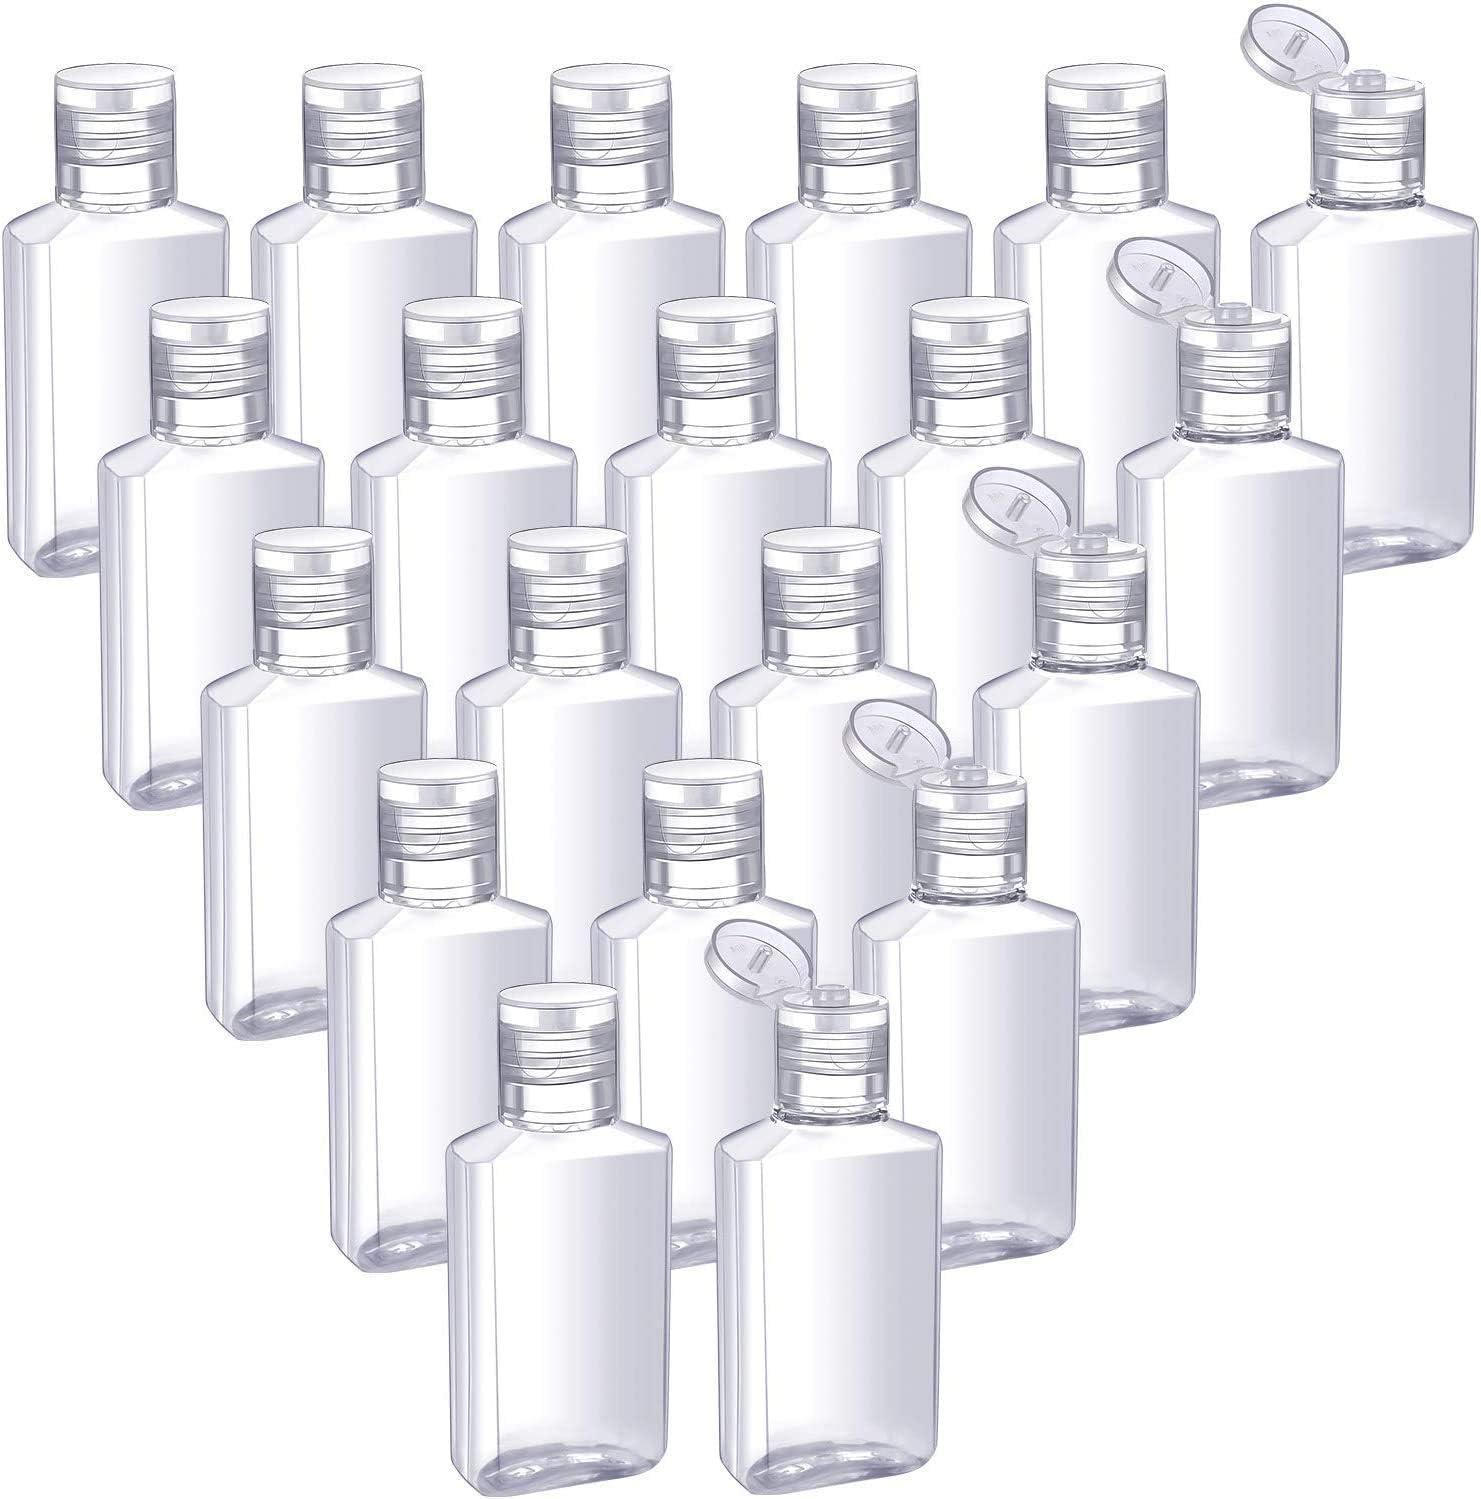 Linyu - Lote de 50 botellas de viaje transparentes, recargables y portátiles con tapa abatible para champú, acondicionador, loción, productos cosméticos